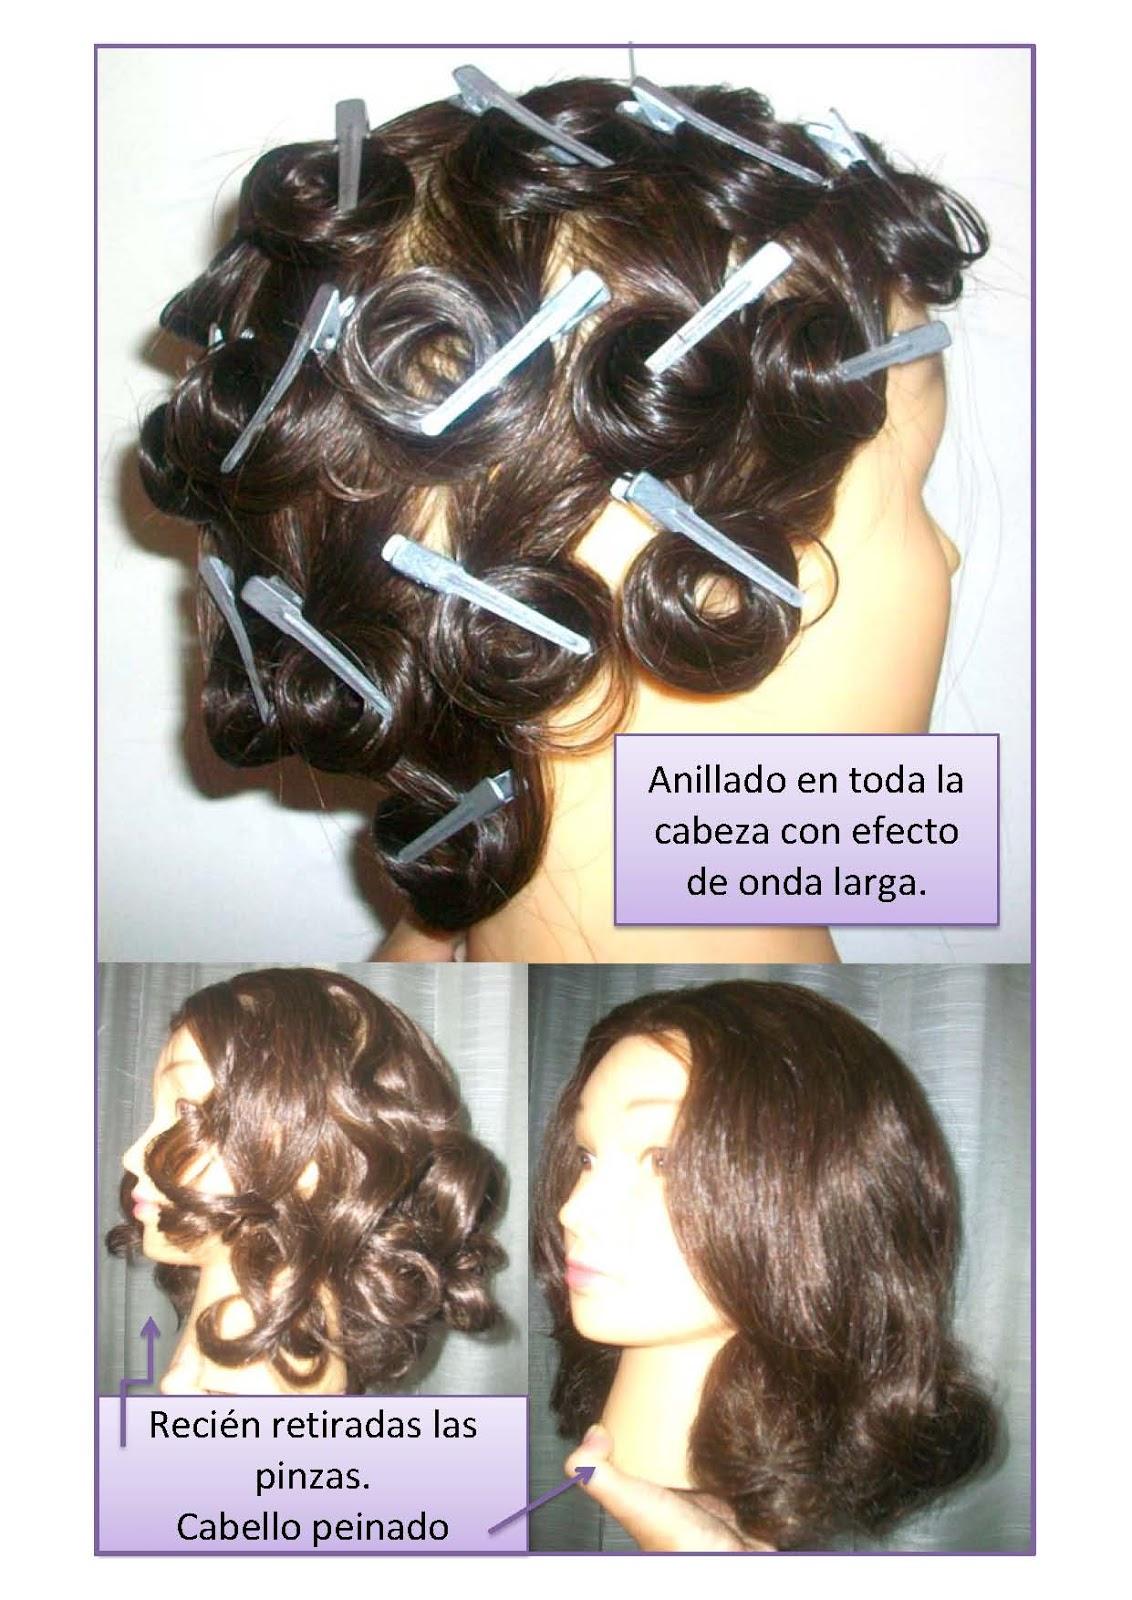 Avon los aceites preciosos para los cabellos